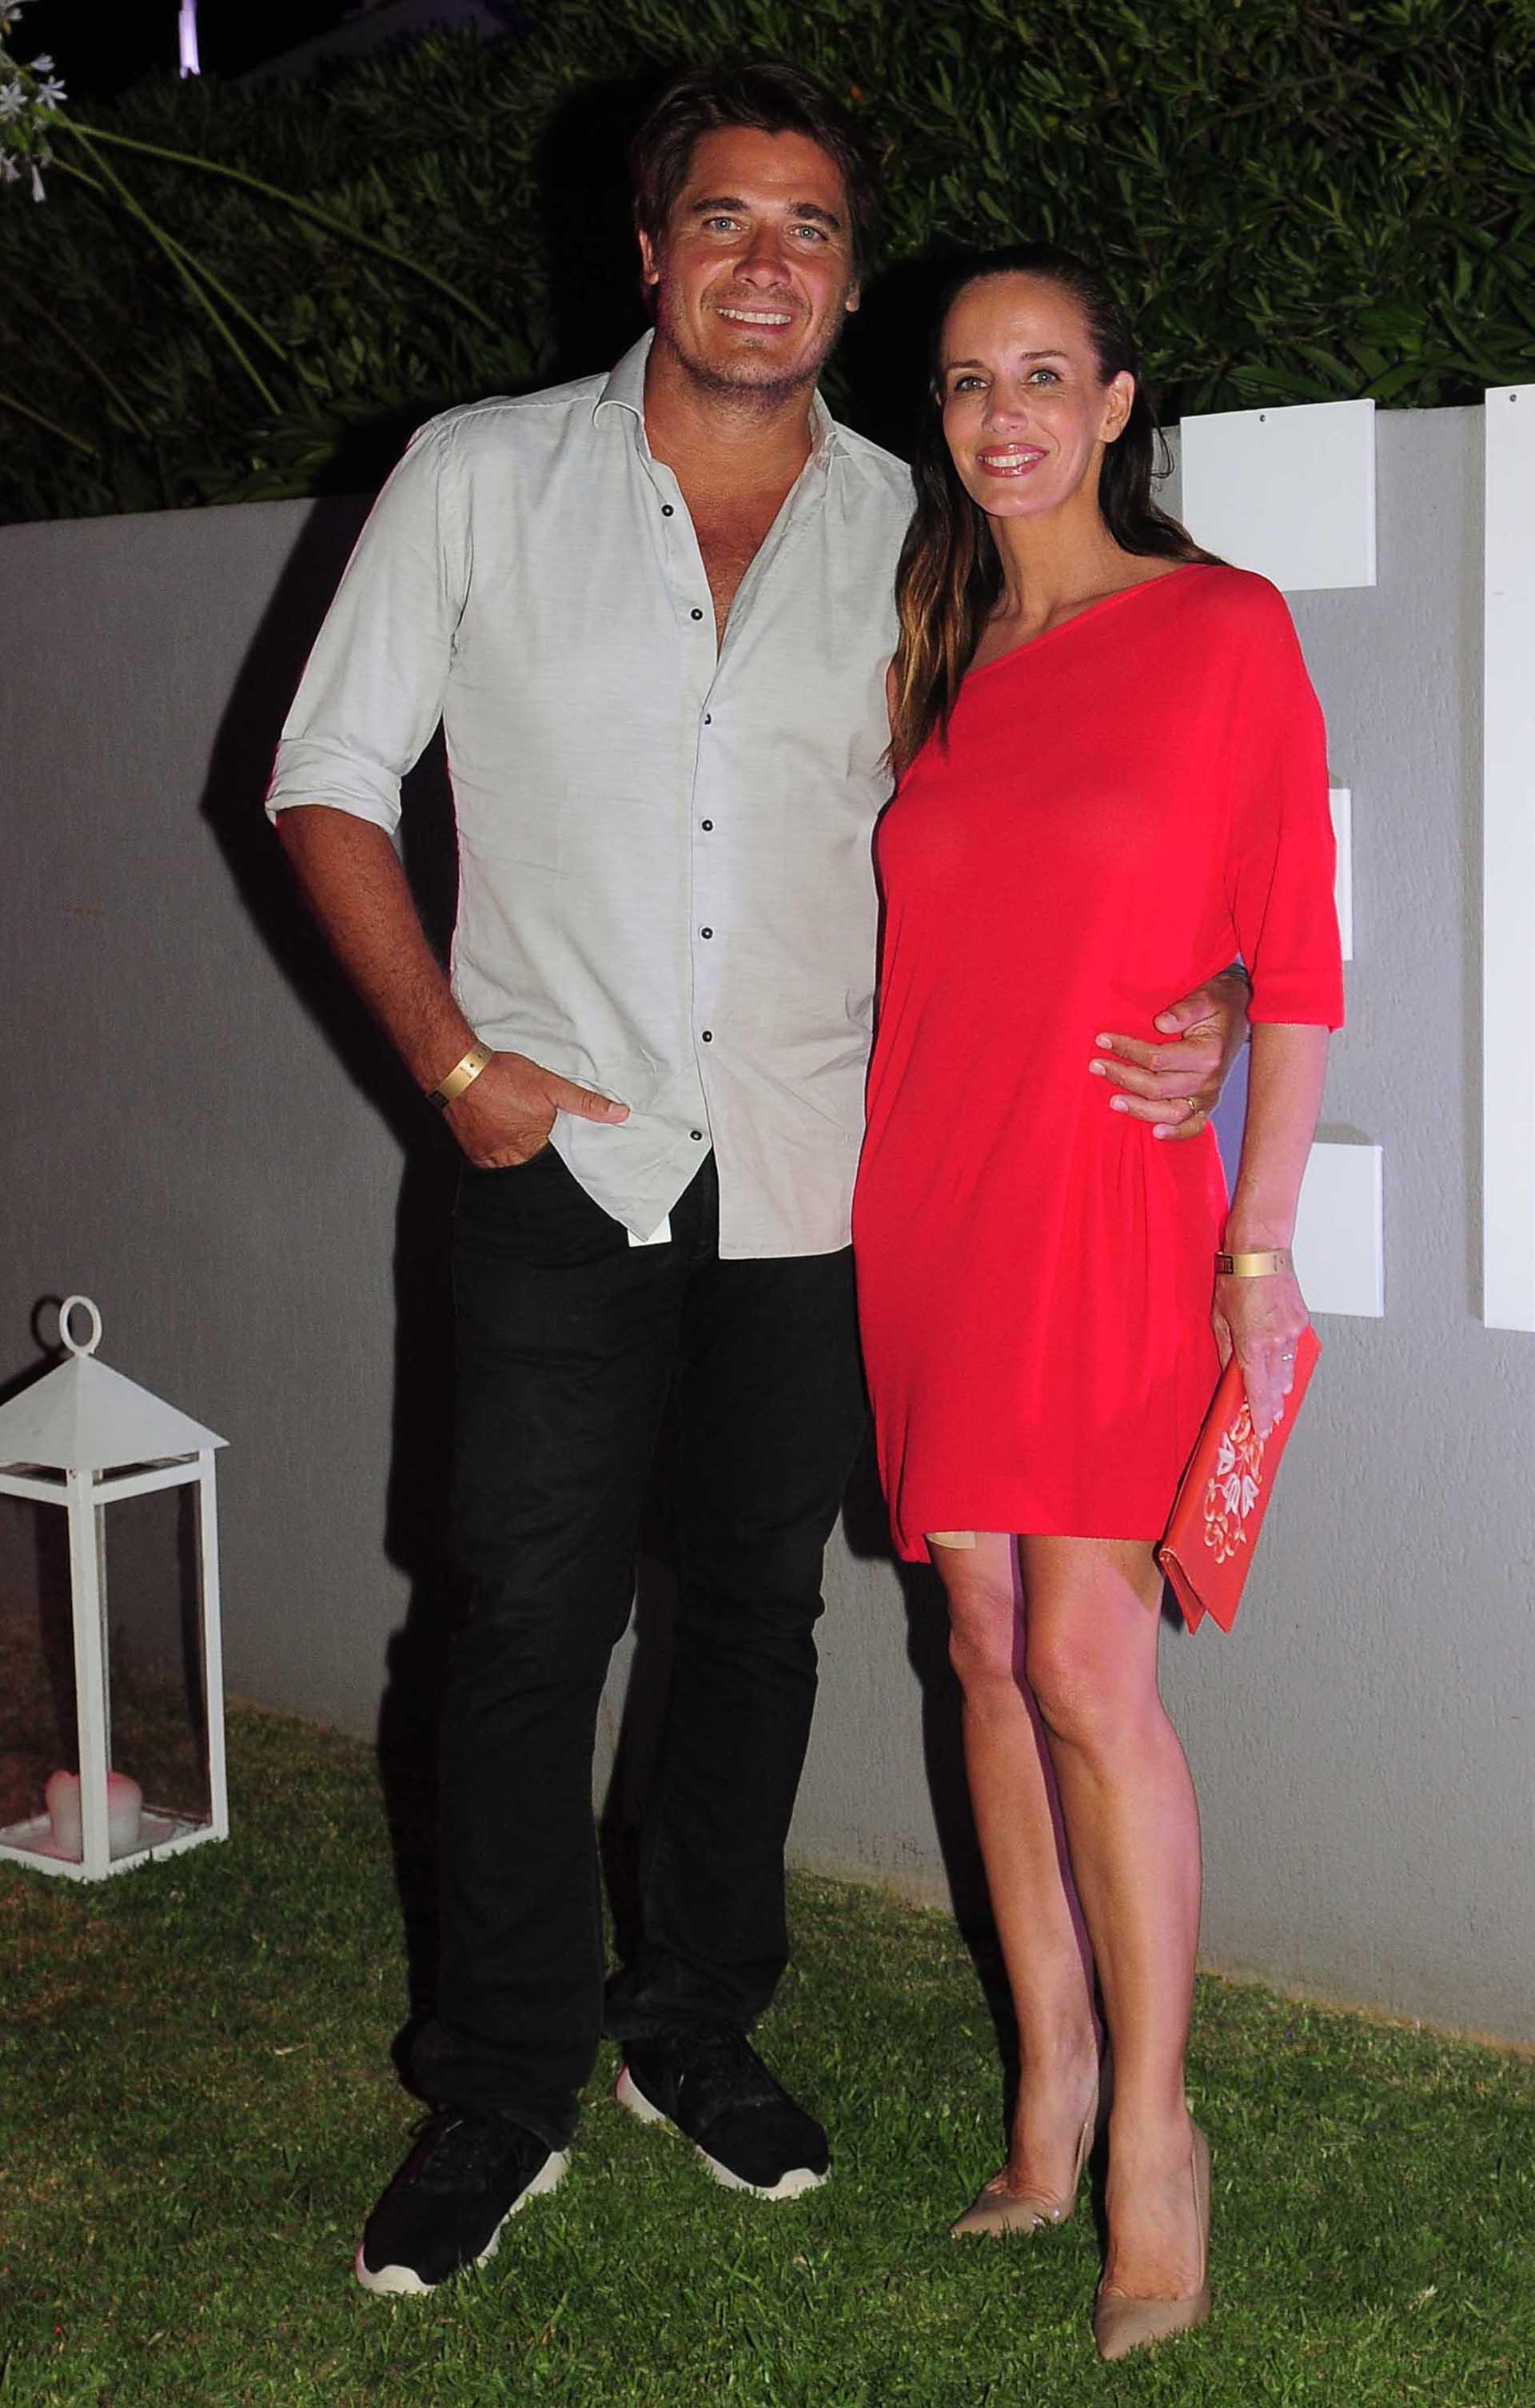 Carolina Prat y Guillermo Andino, ambos de con un look casual chic, por Etiqueta Negra